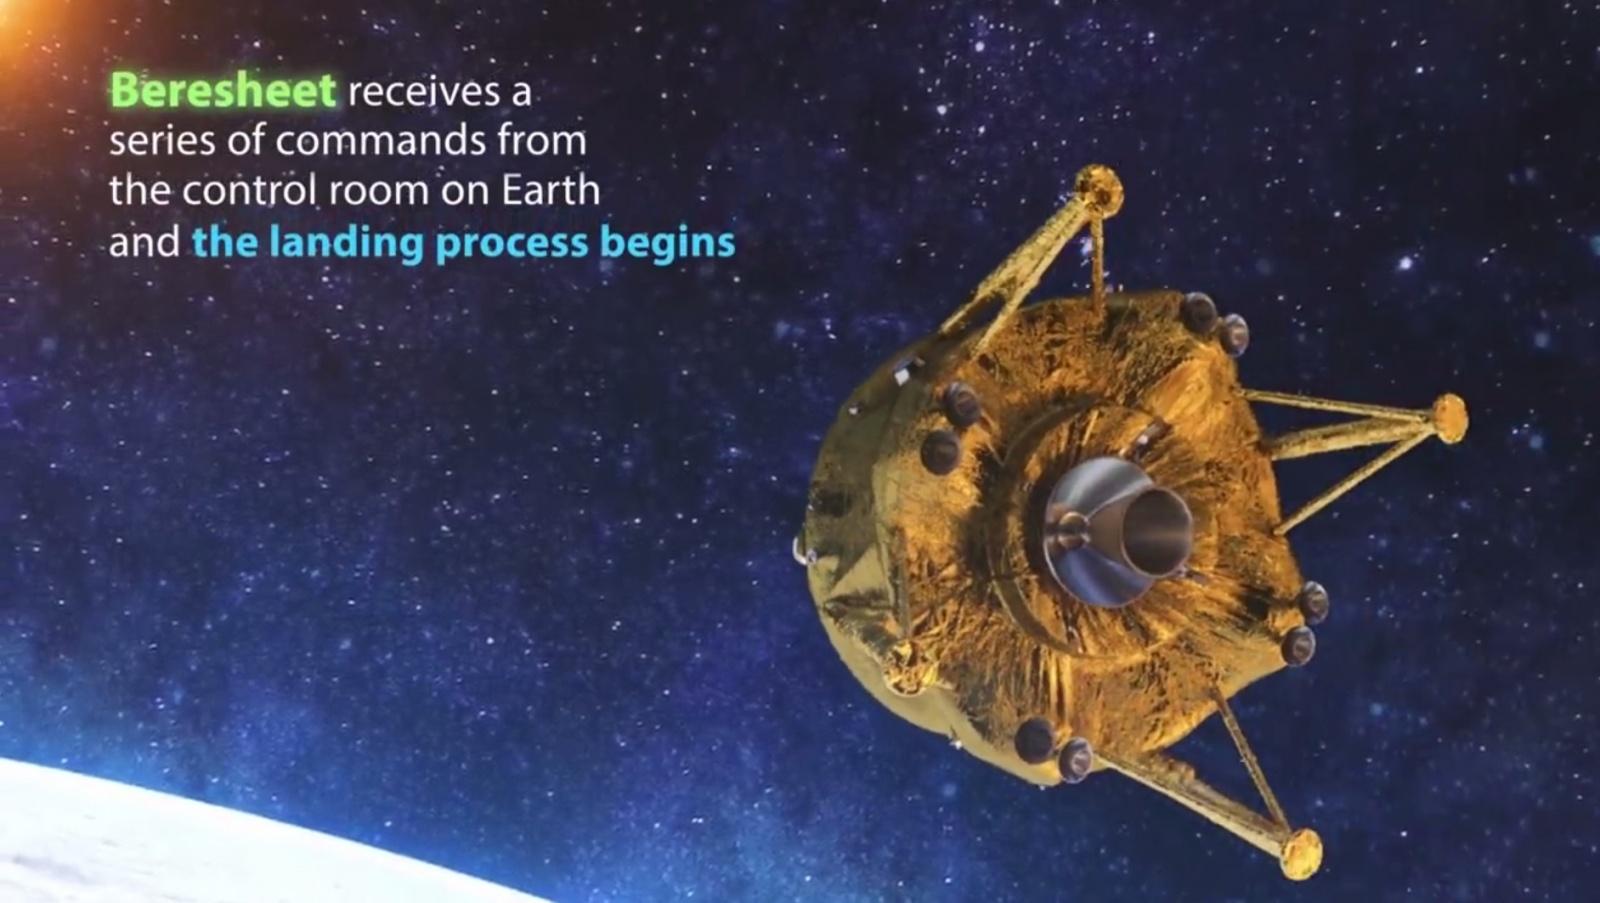 Лунная миссия «Берешит» – характеристики аппарата, серия маневров и самый длинный путь на Луну - 22